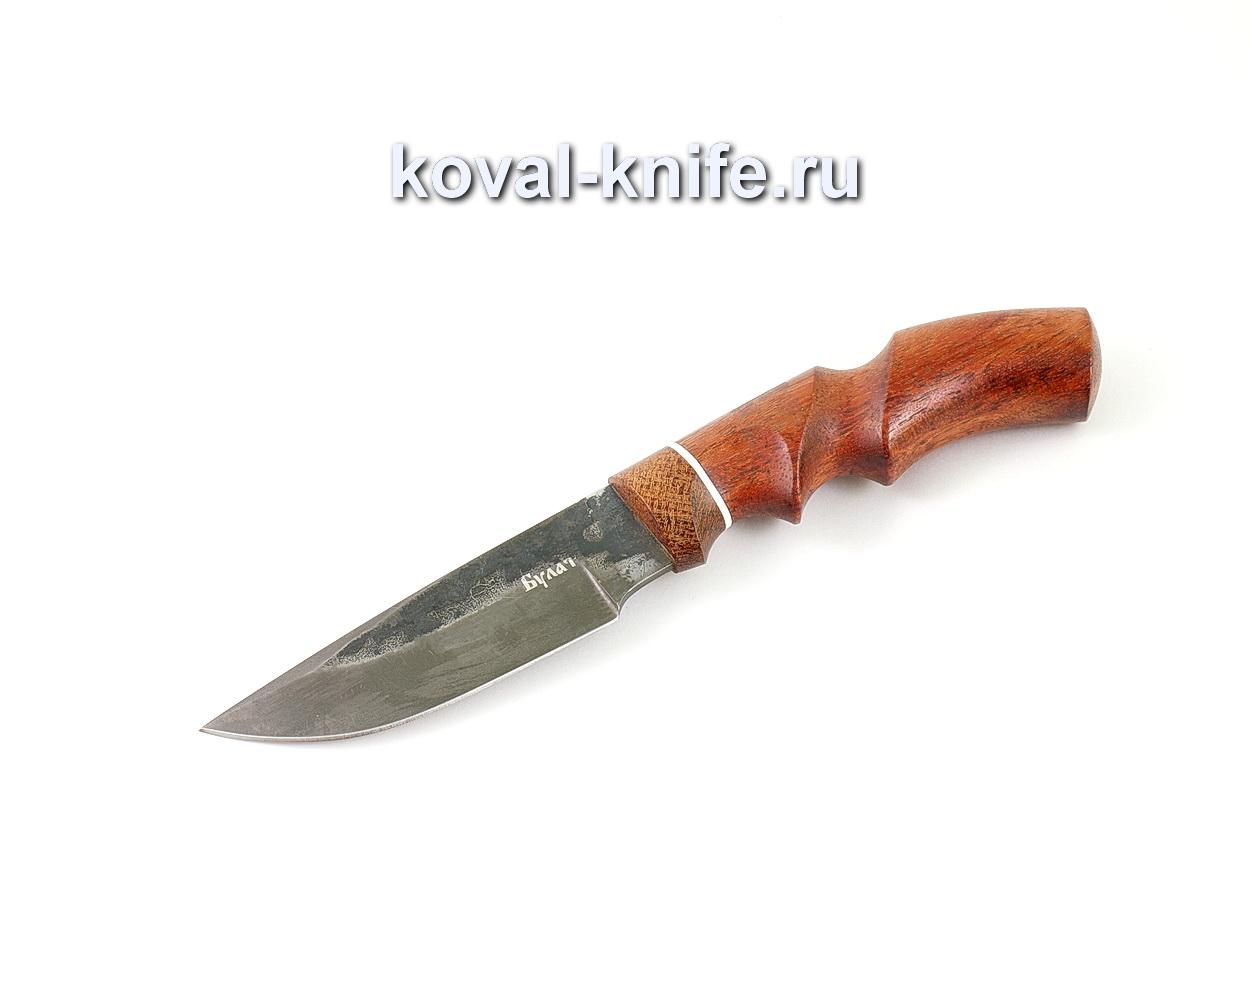 Нож из булатной стали Норвег (Легированный булат, рукоять бубинга и текстолит)